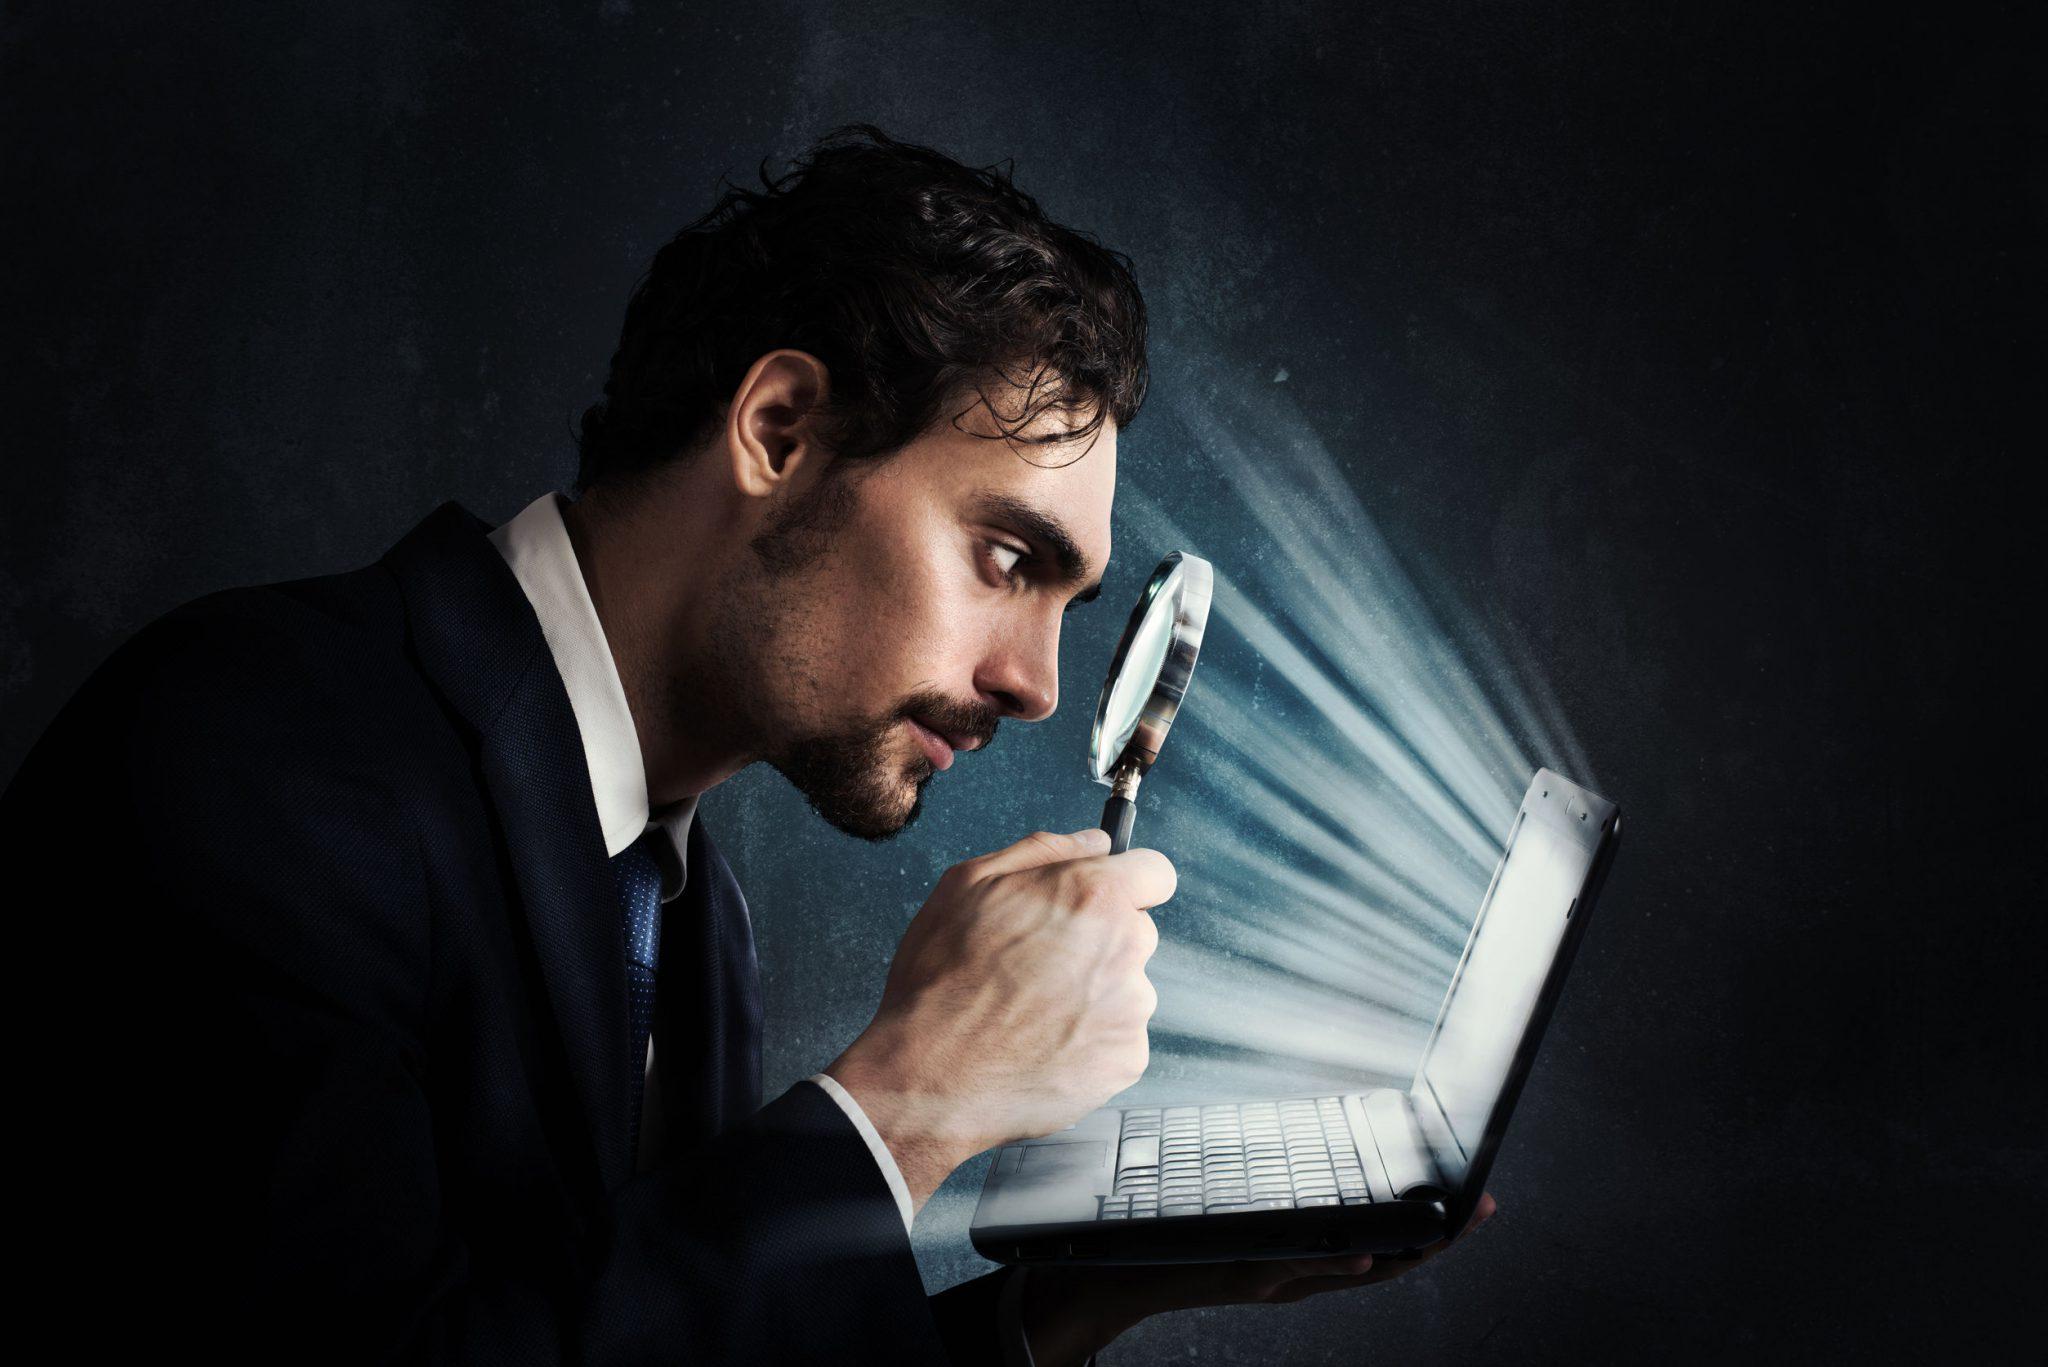 Foto em fundo preto mostra do peito para cima, um homem jovem de perfil à direita. Ele tem cabelos, sobrancelhas, bigode e cavanhaque escuros, usa roupa social preta. Na palma da mão esquerda apoia um laptop aberto, com a mão direita aproxima uma lupa à frente do rosto e foca os intensos raios luminosos emitidos pelo monitor. Fim da descrição